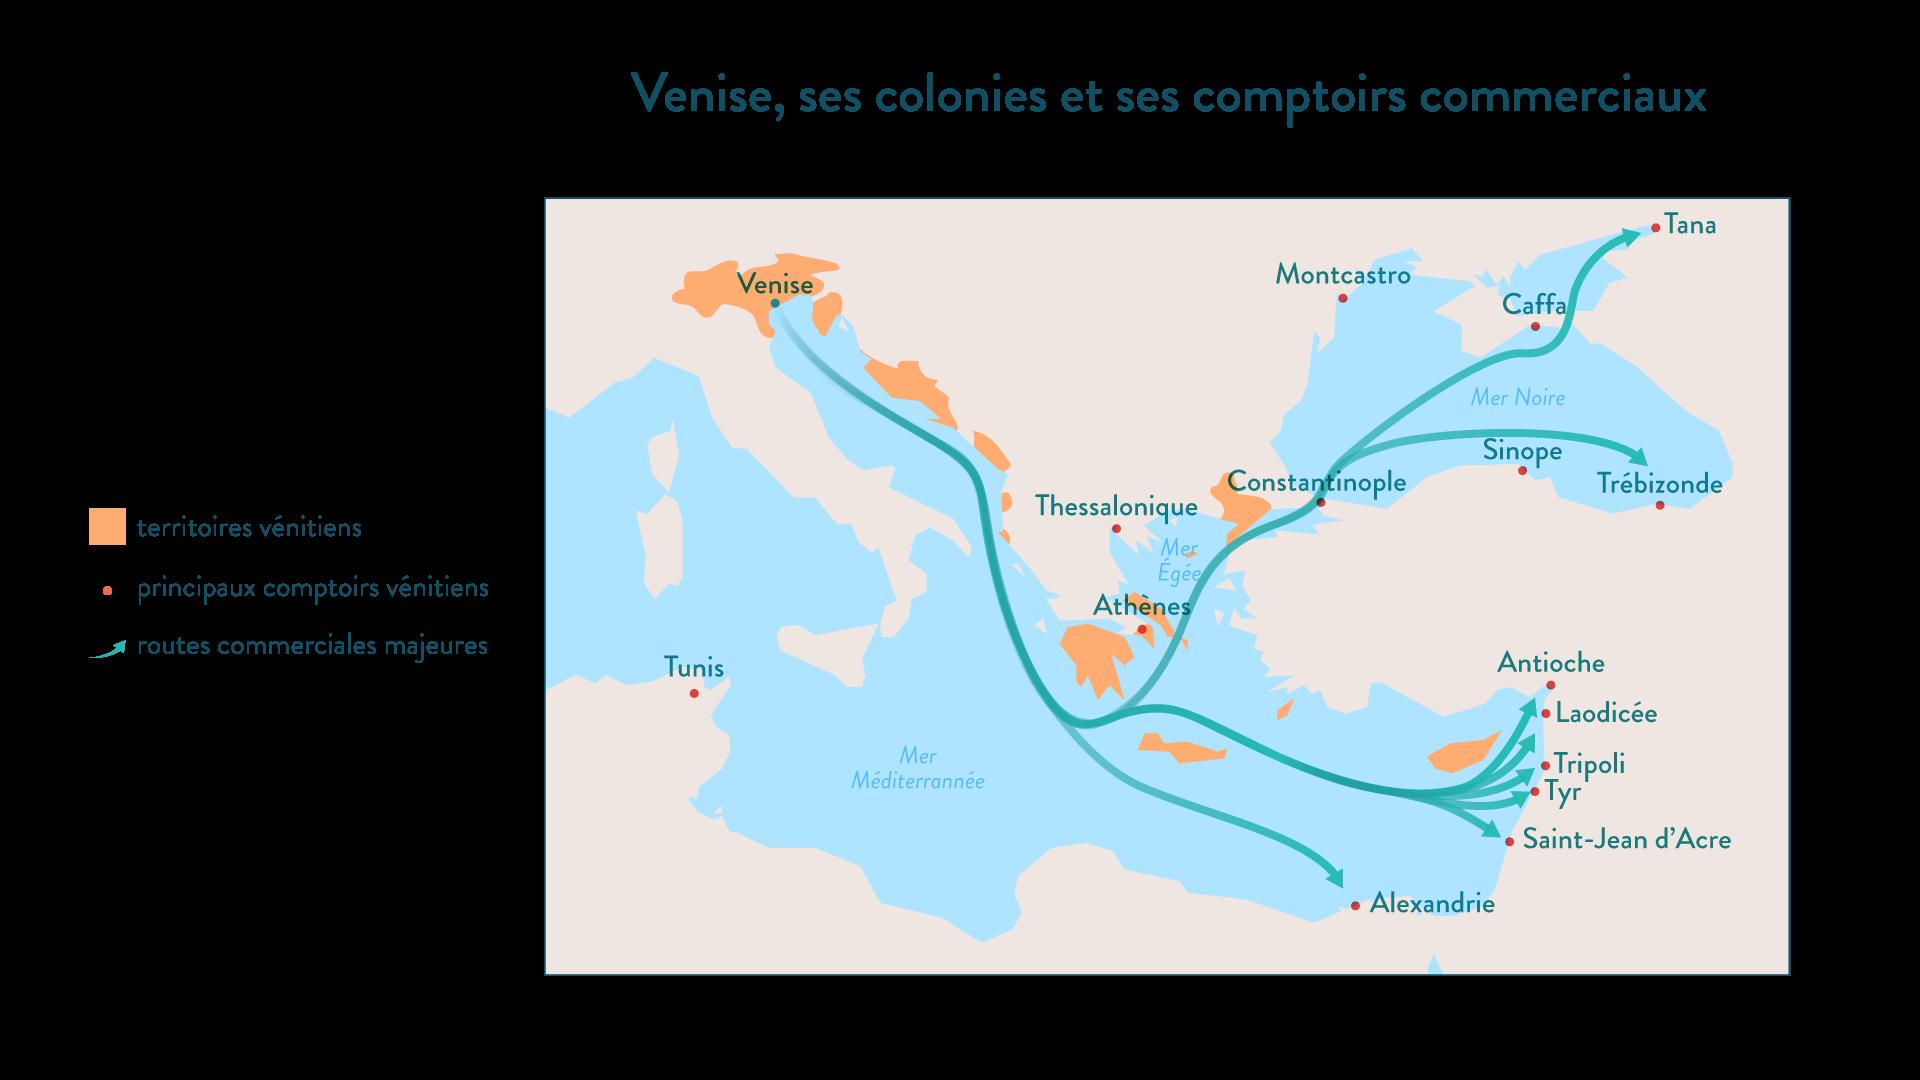 Venise, ses colonies et ses comptoirs commerciaux - Histoire - 2de - SchoolMouv